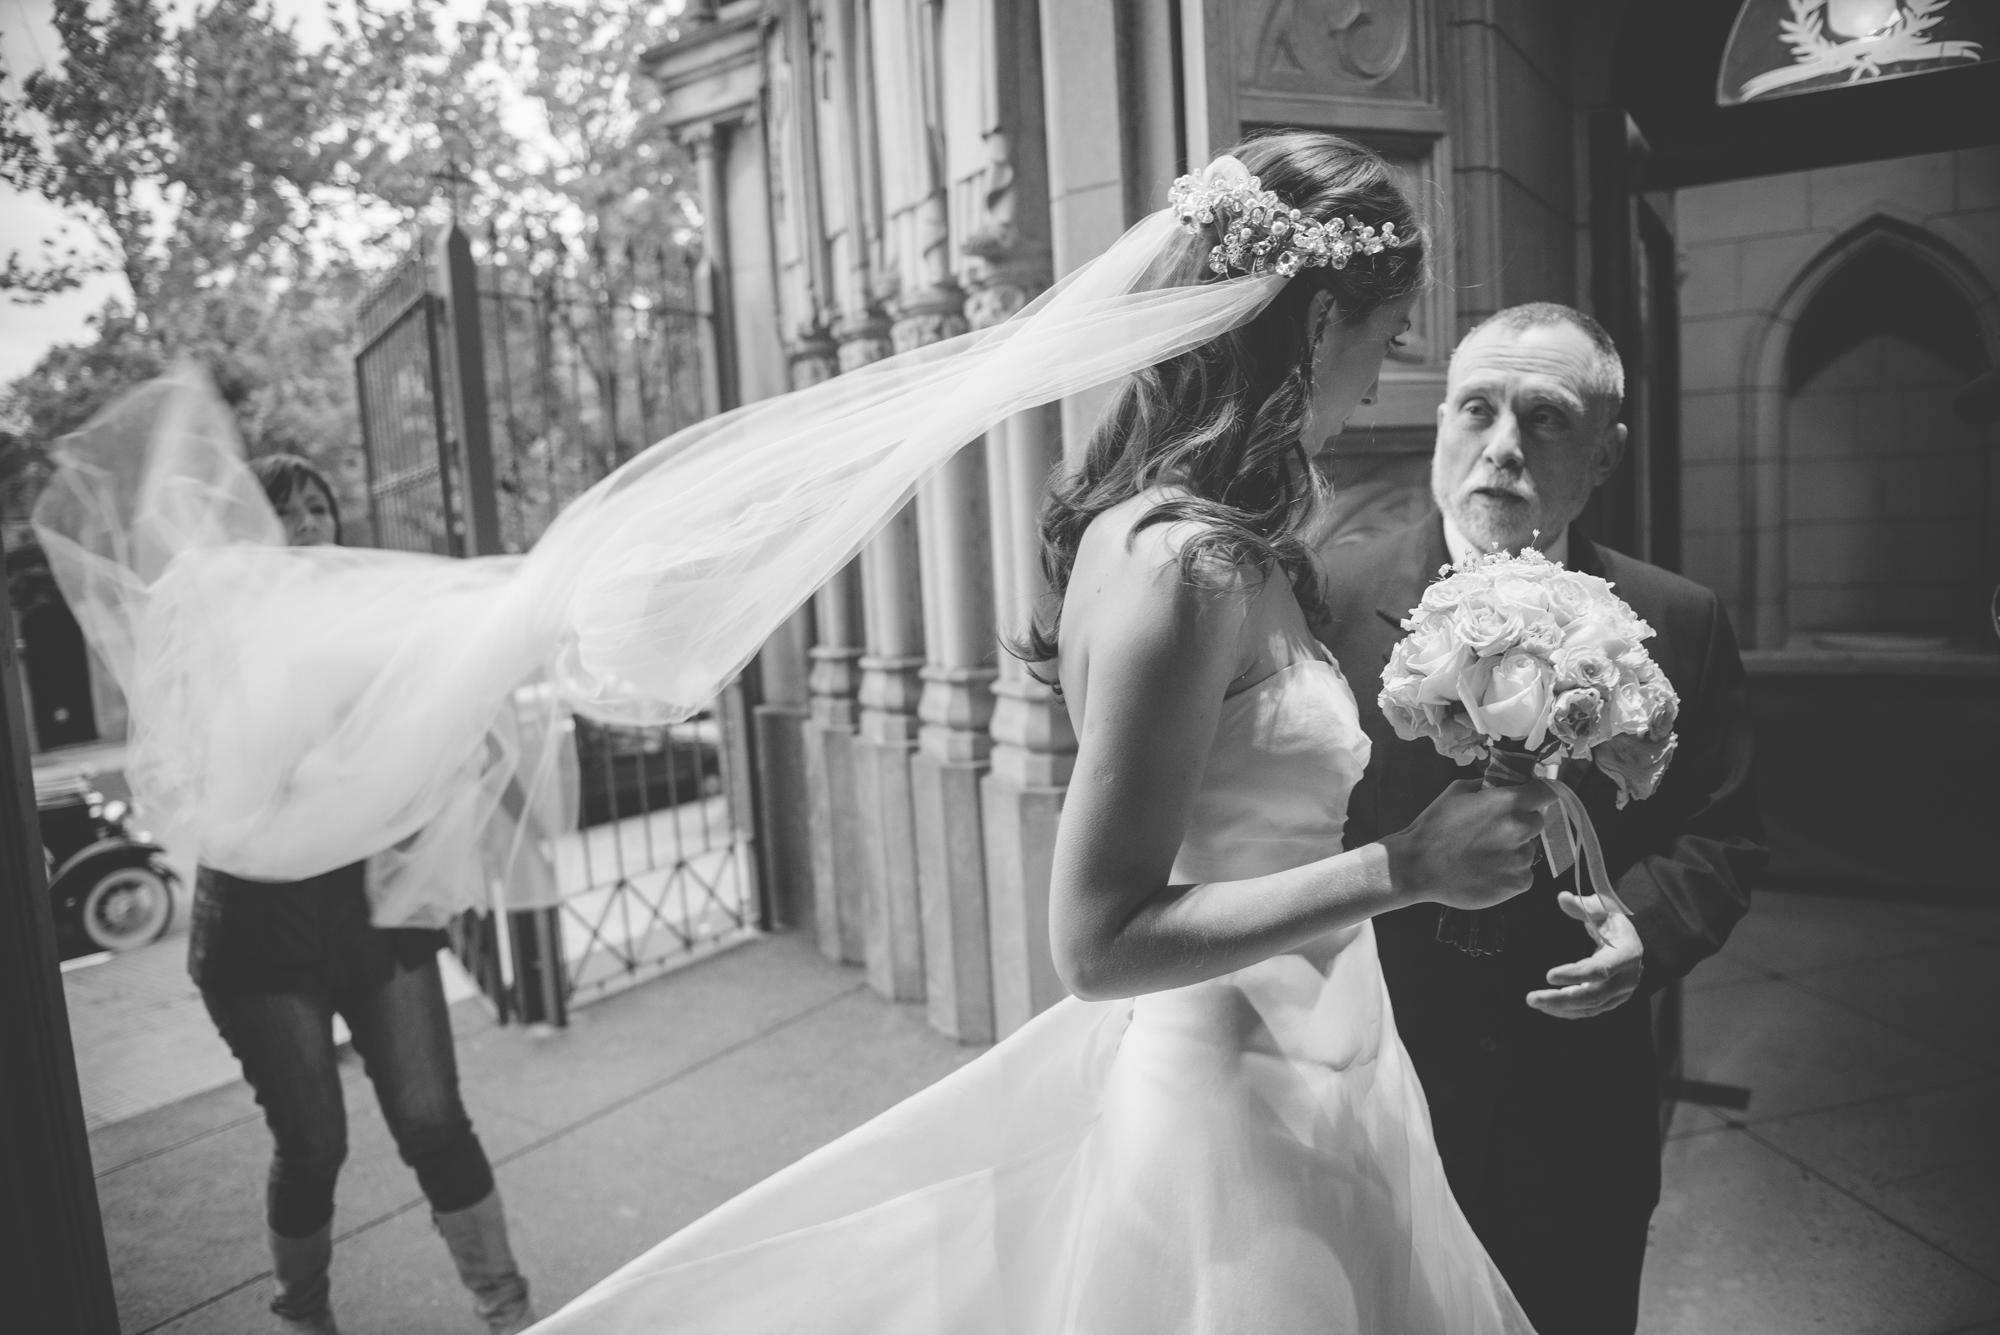 wedding ceremony photography, fotografia de bodas ceremonia iglesia